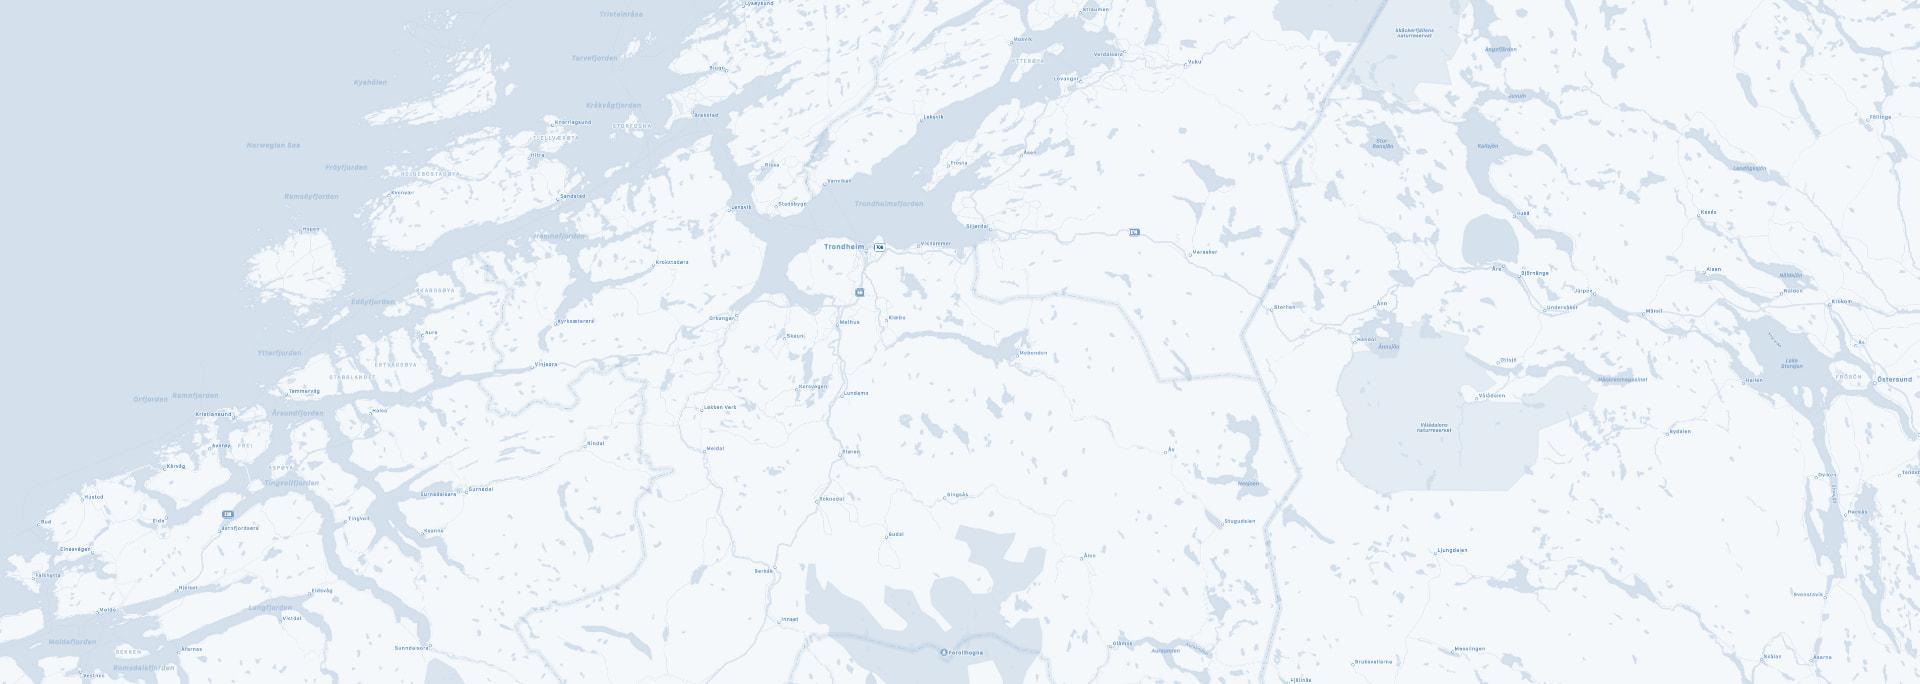 Orienteringskart som bakgrunn til klikkbart kart